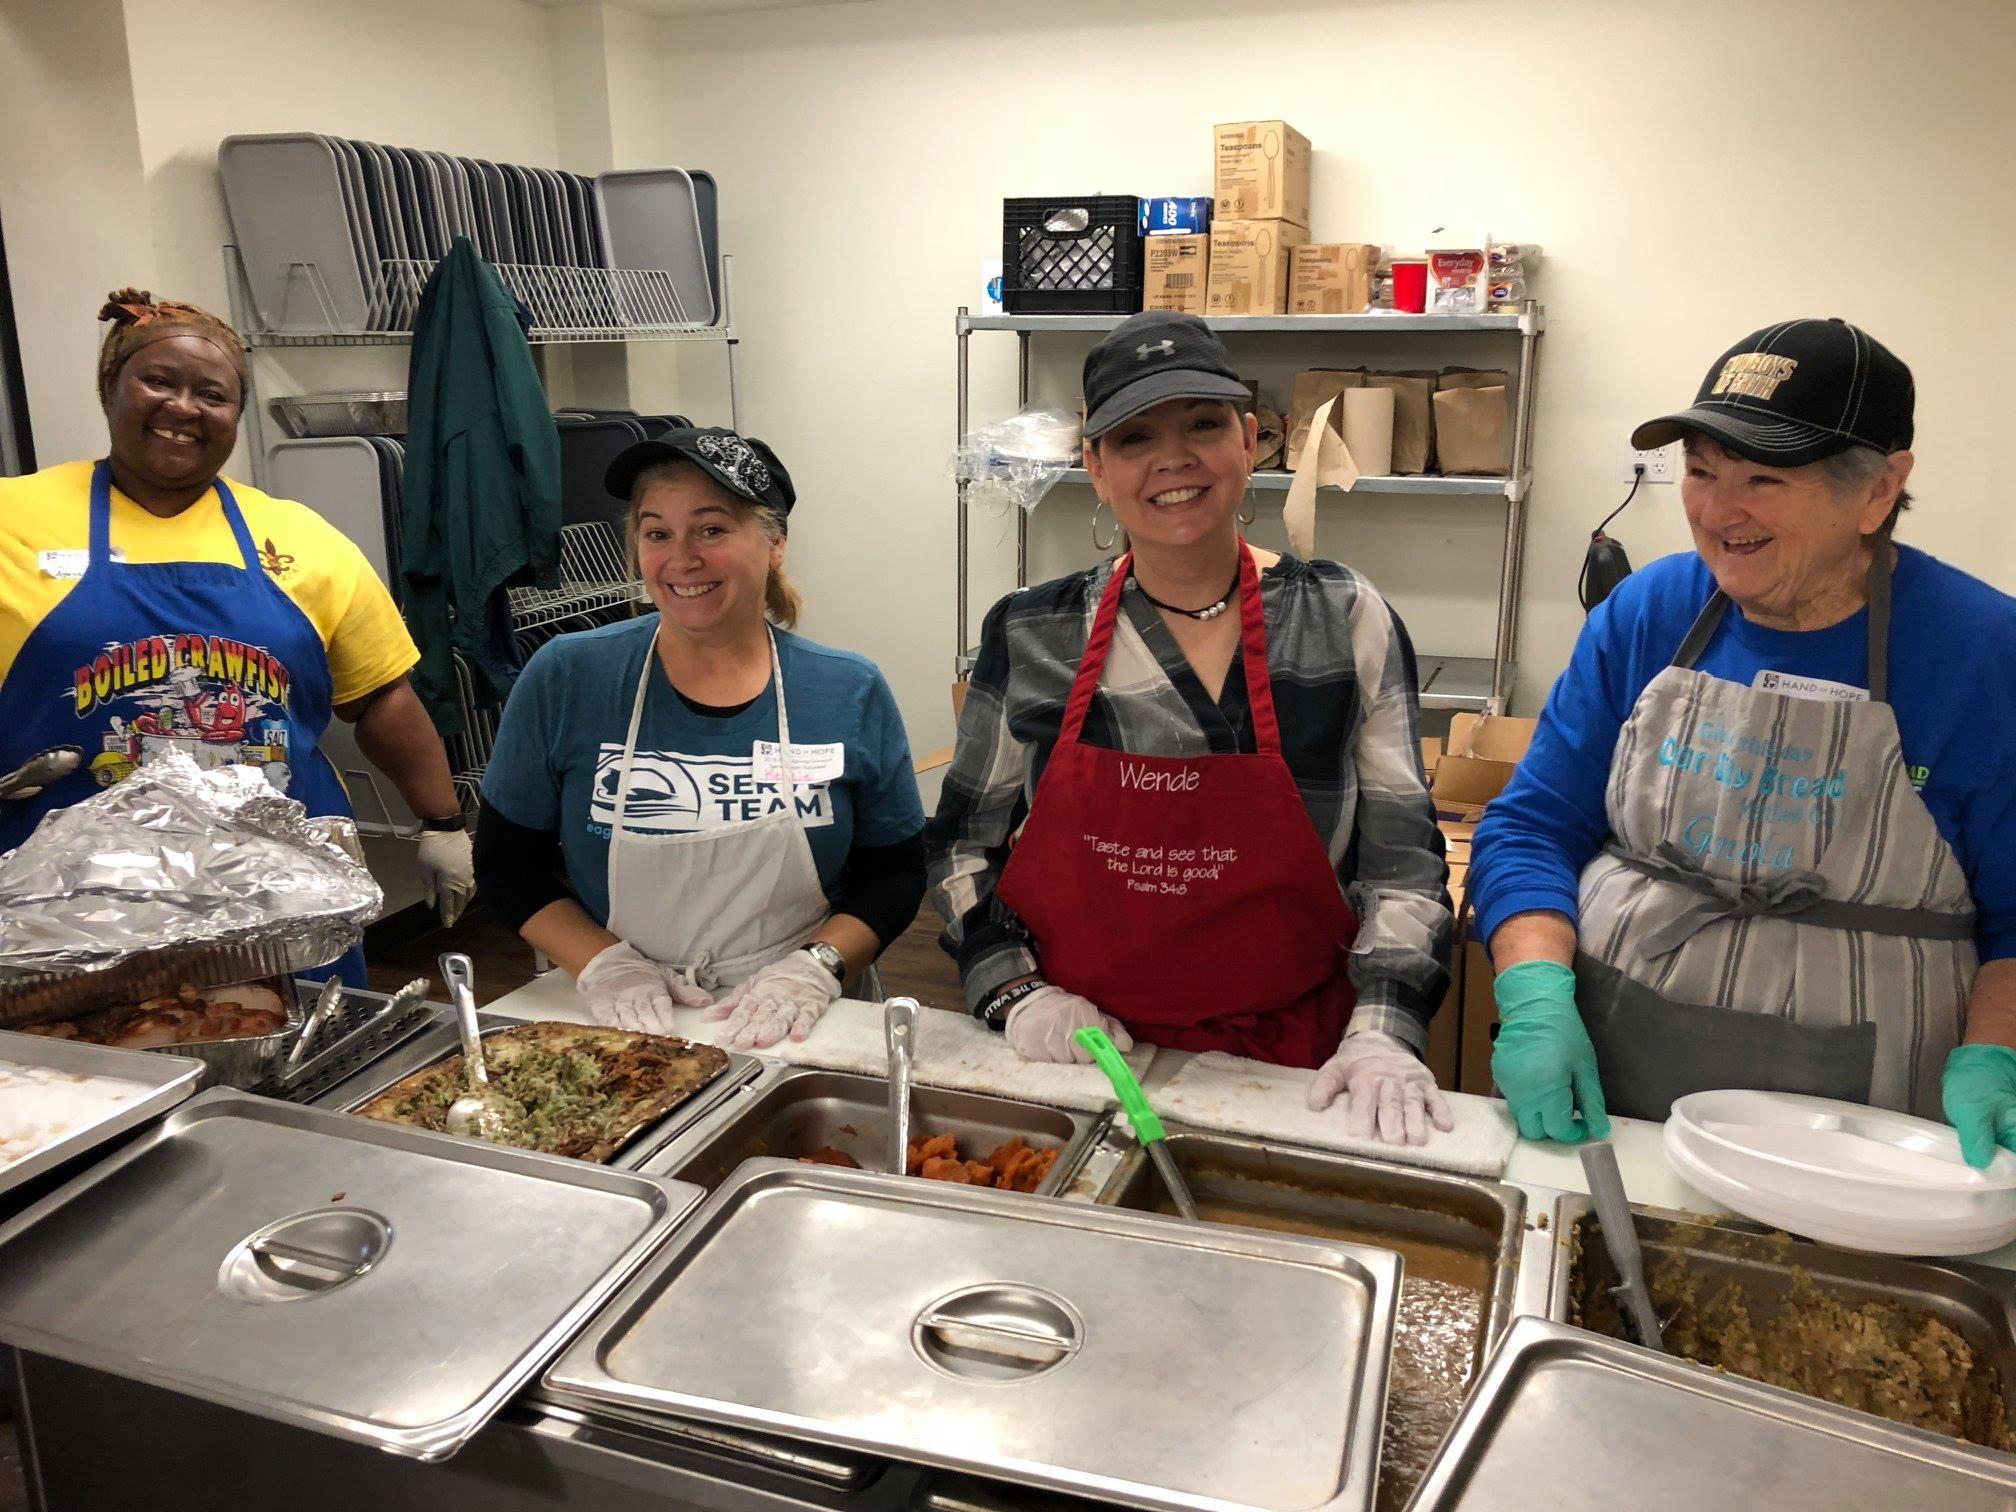 Volunteer:Tuesdays and THursdays - 1. Prepare Meals: 8 a.m. until 10 a.m. 2. Serve Meals: 11 a.m. until 12:45 p.m.